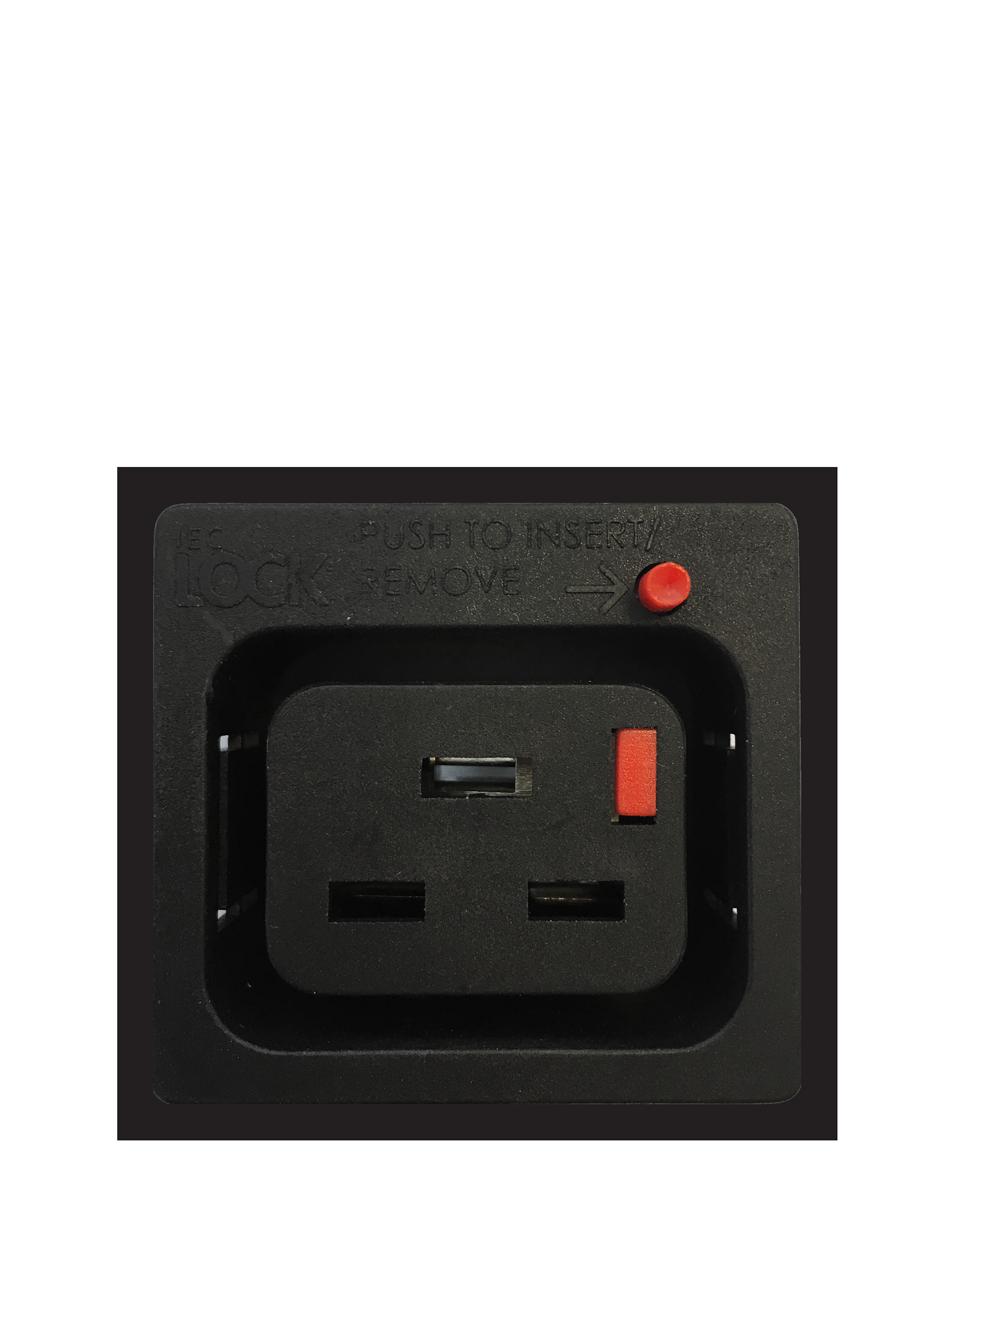 IEC320 C19 IEC-lock